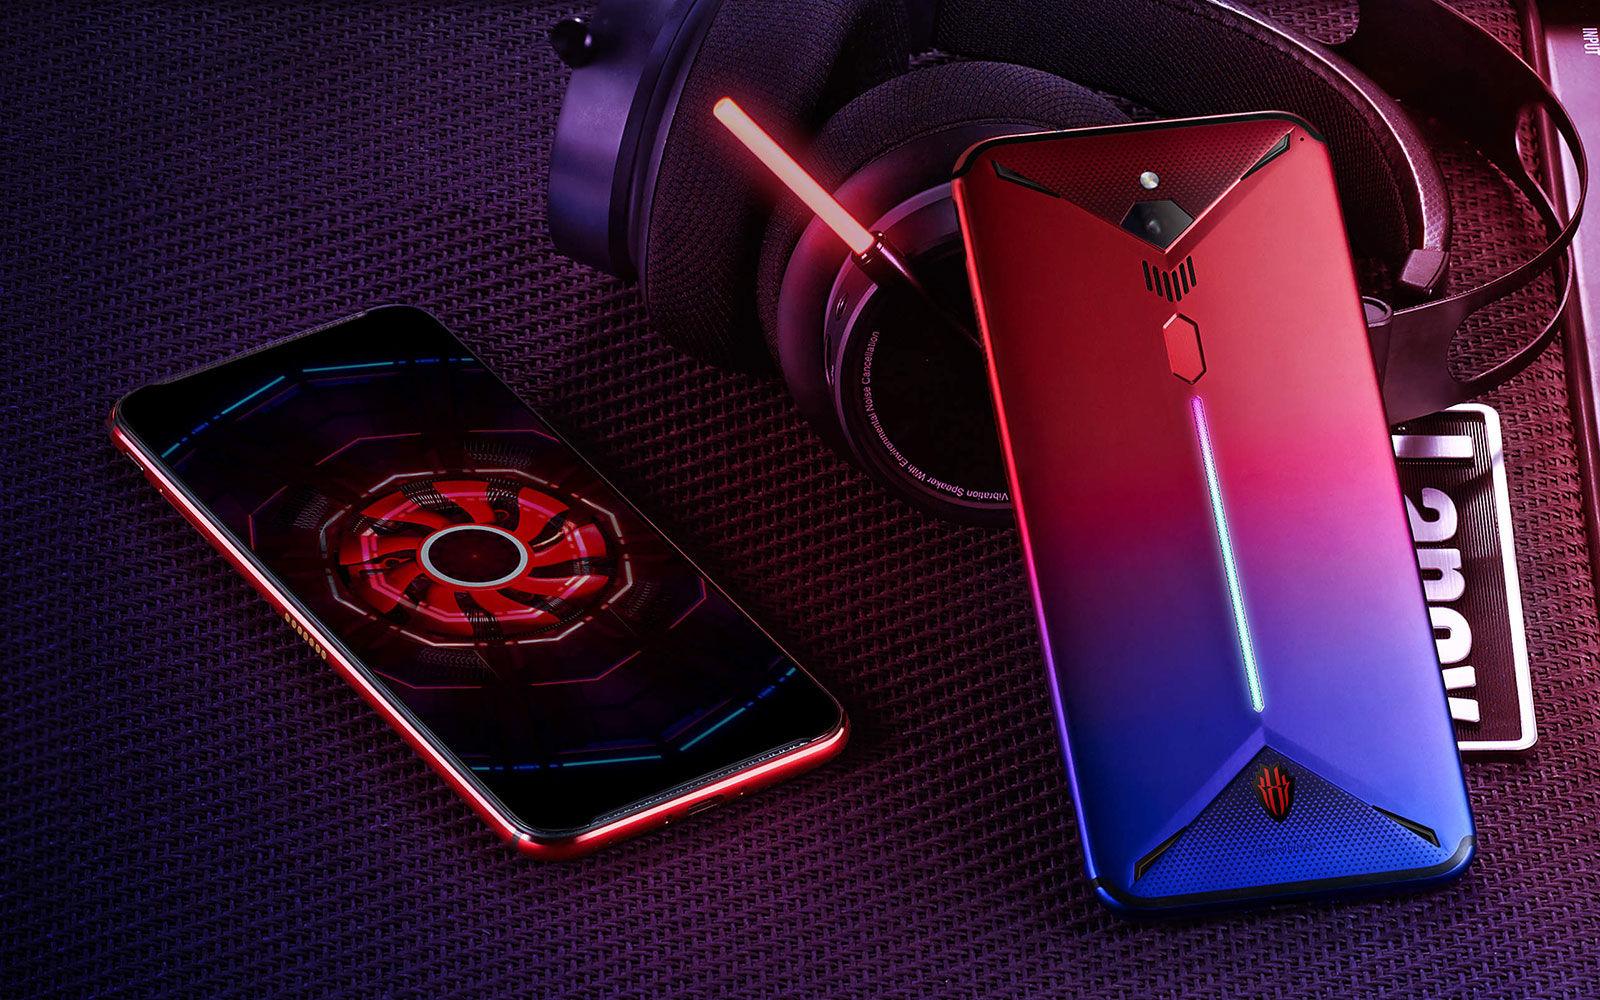 red-magic-3-gaming-phone